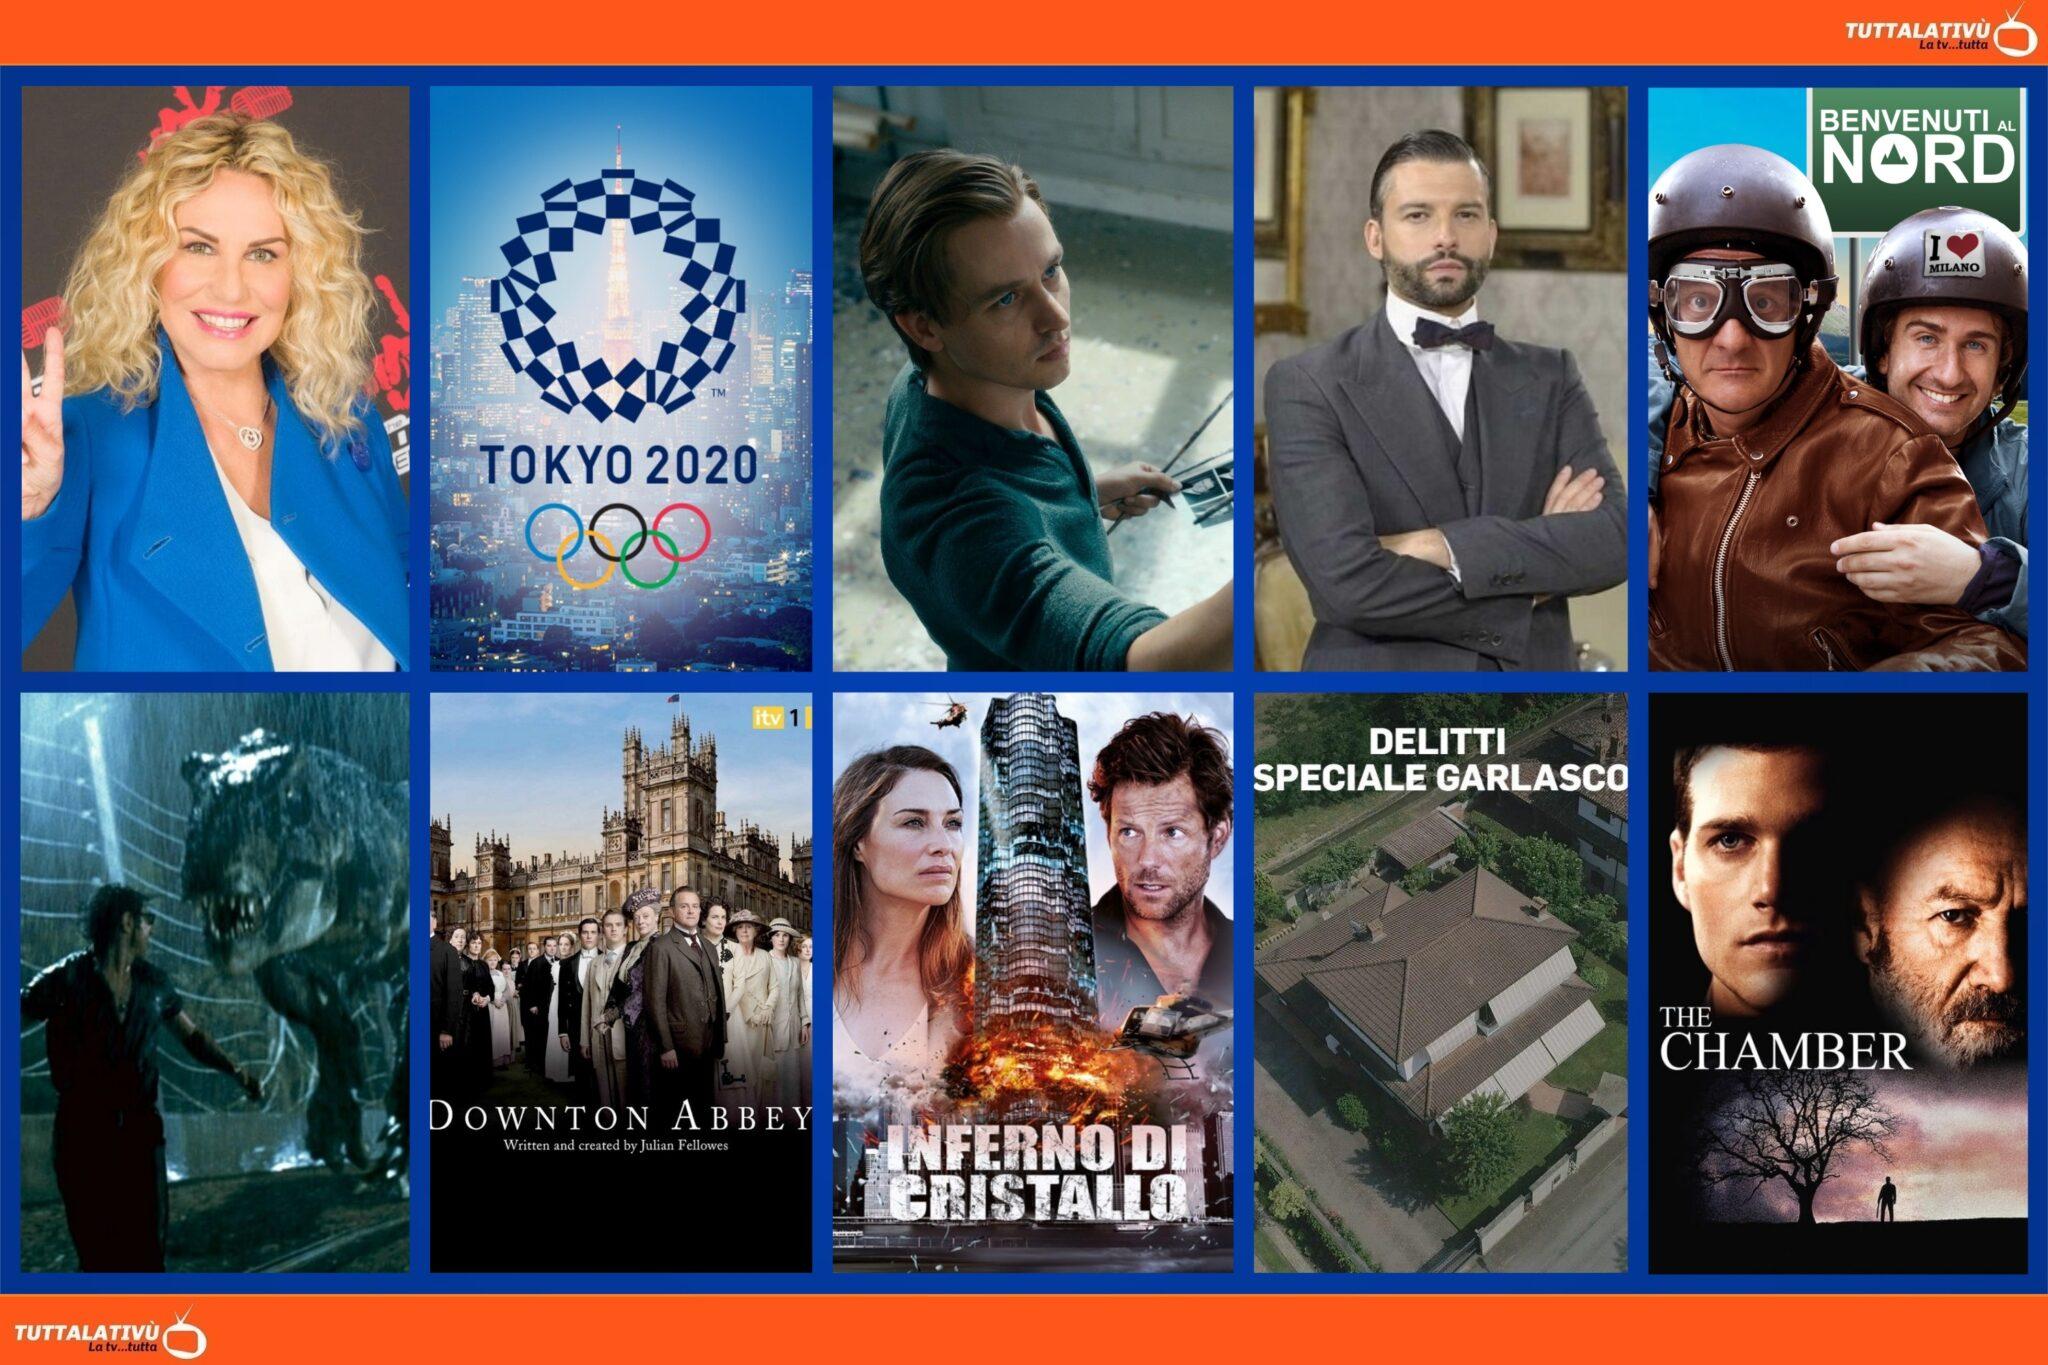 GuidaTV 24 Luglio 2021: Le Olimpiadi di Tokyo 2020, The Voice Senior, Benvenuti al Nord, Una Vita, Jurassic Park, Opera senza autore, L'ultimo appello